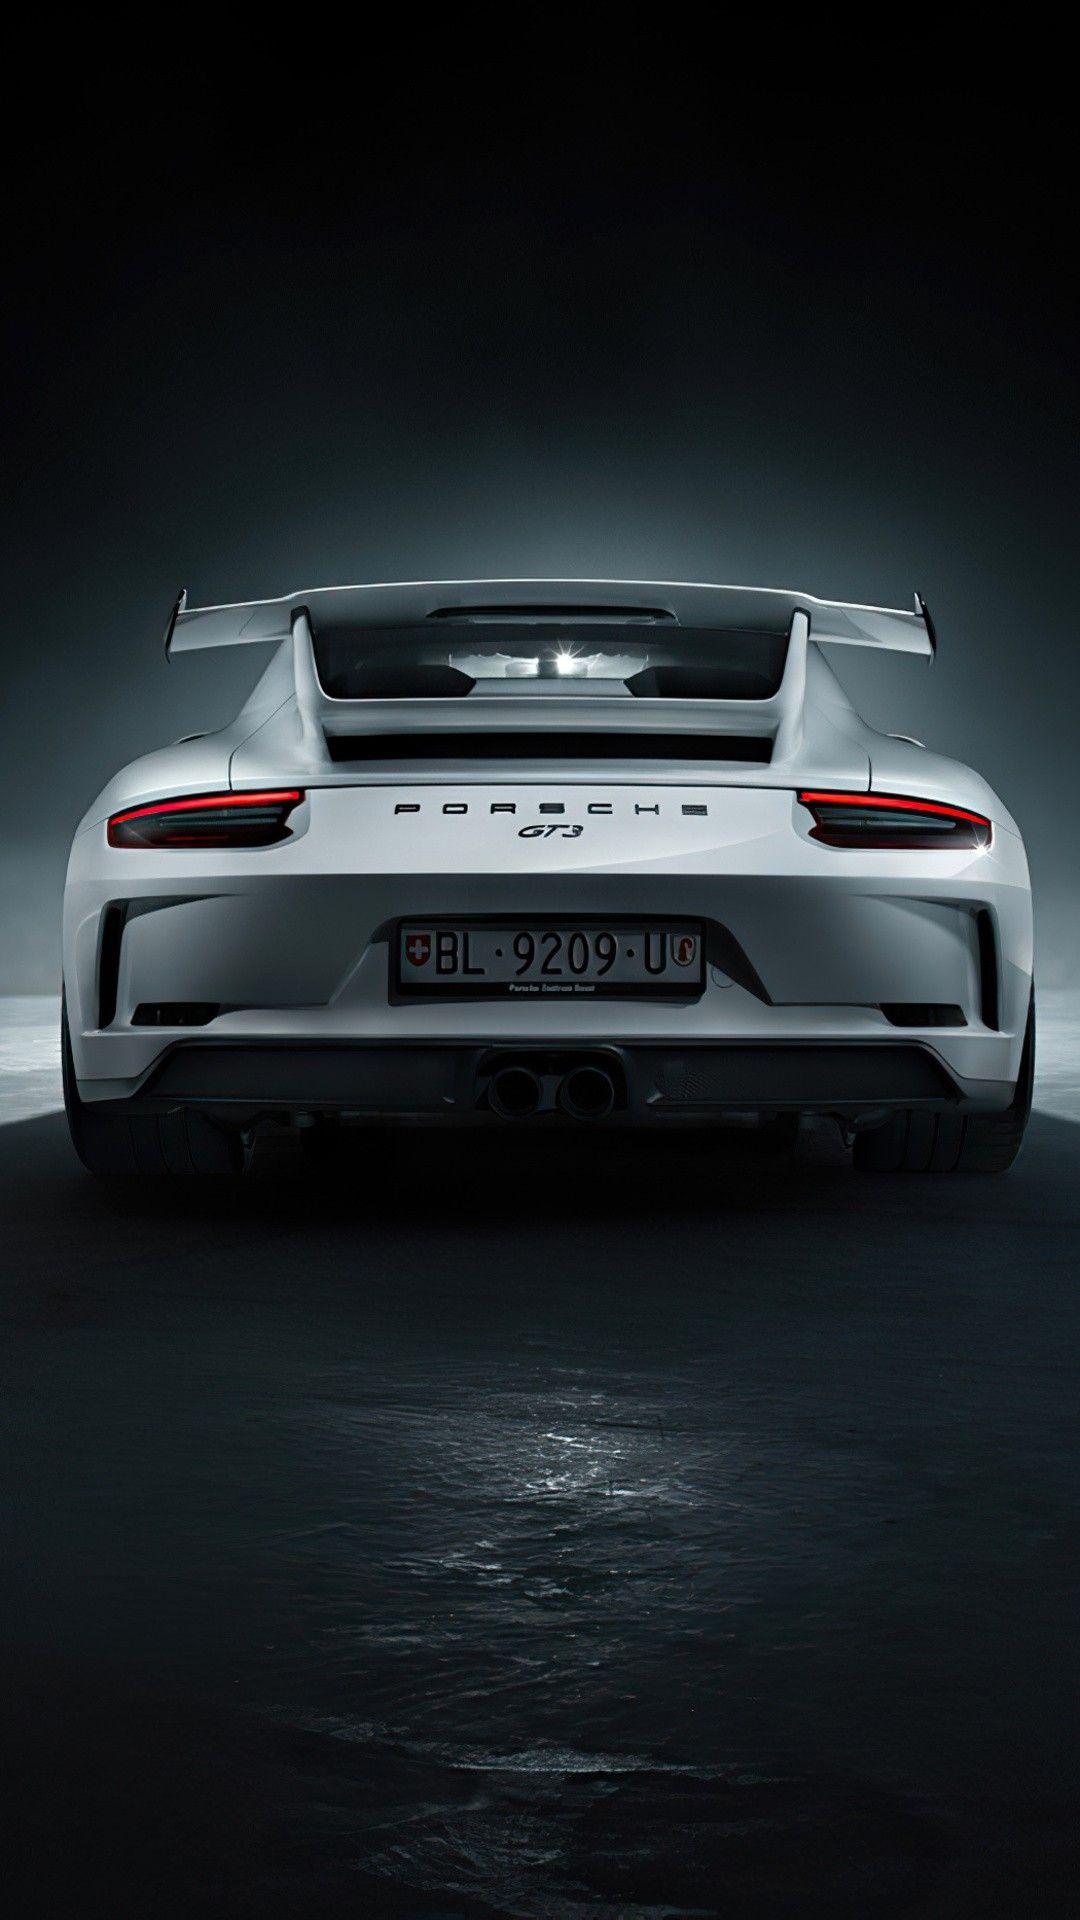 Cars Mobile Full Hd Wallpapers 1080x1920 In 2021 Porsche 911 Gt3 Porsche 911 Porsche